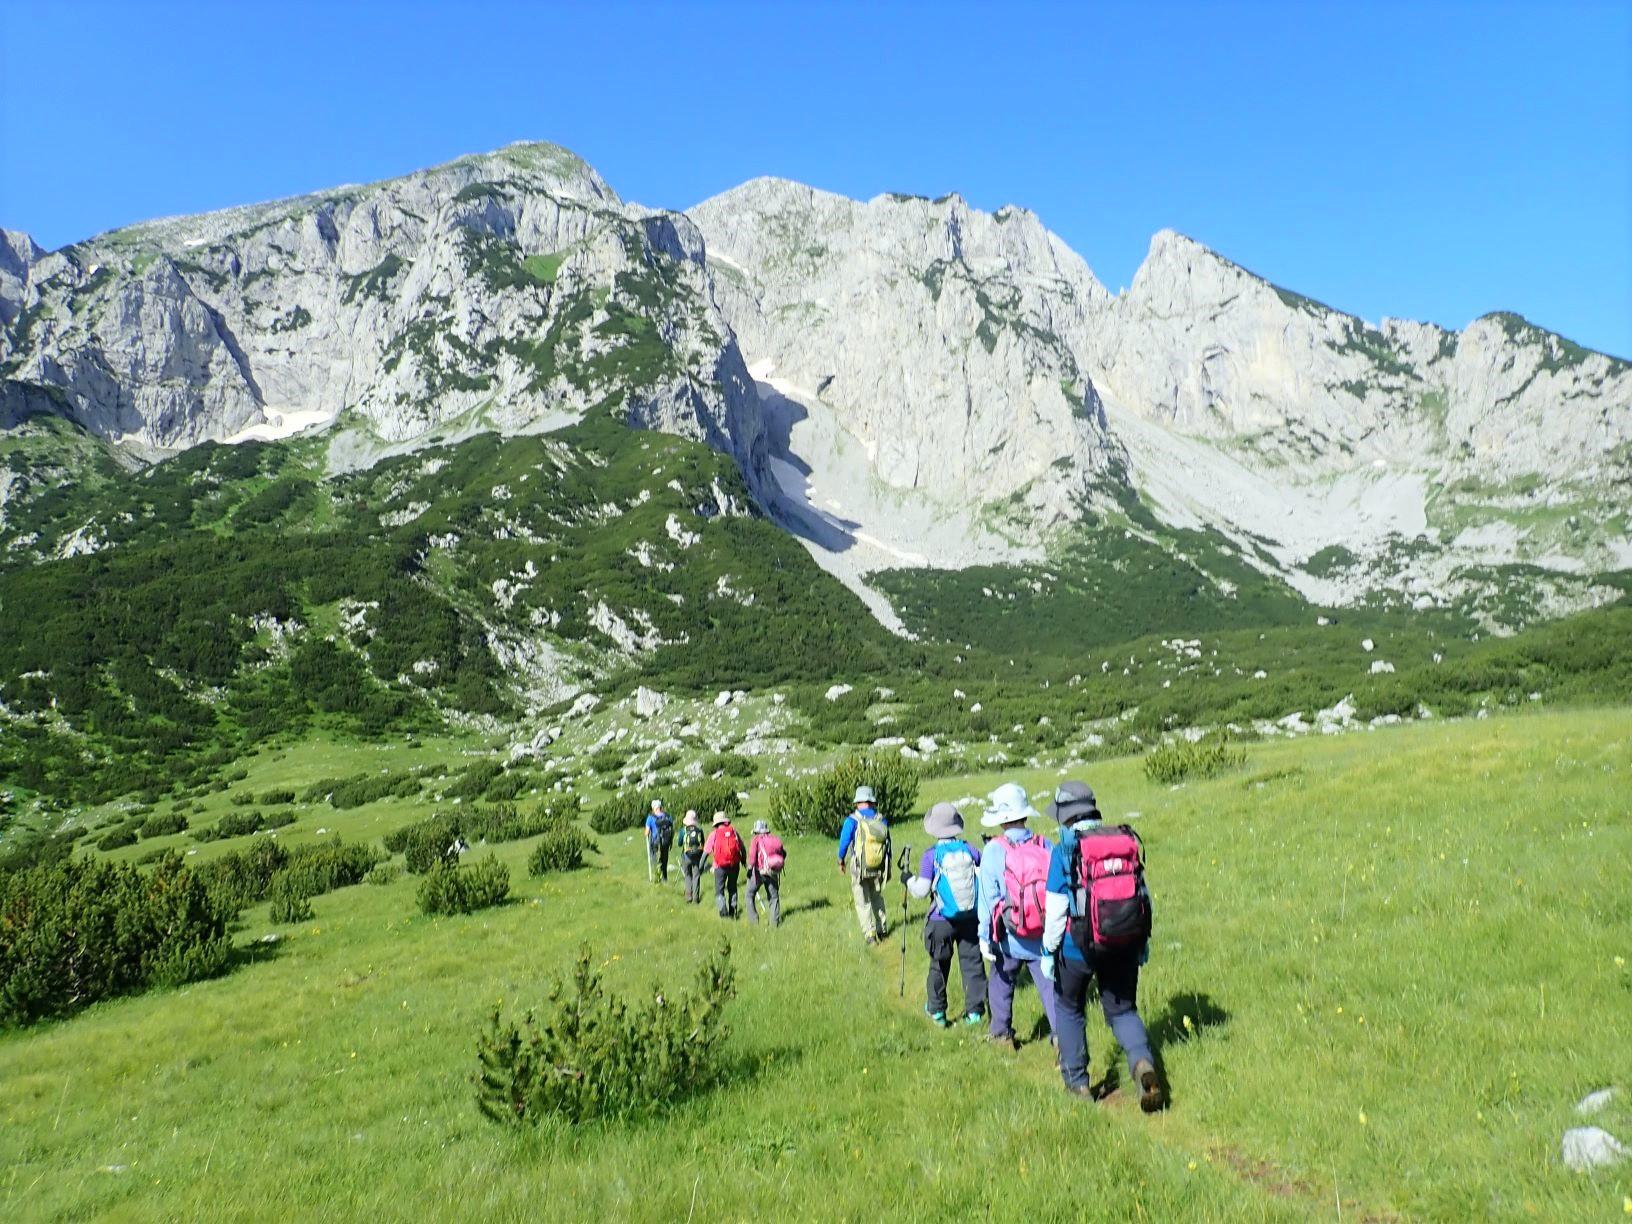 ボスニア・ヘルツェゴビナ最高峰マグリッチへ向けて歩く